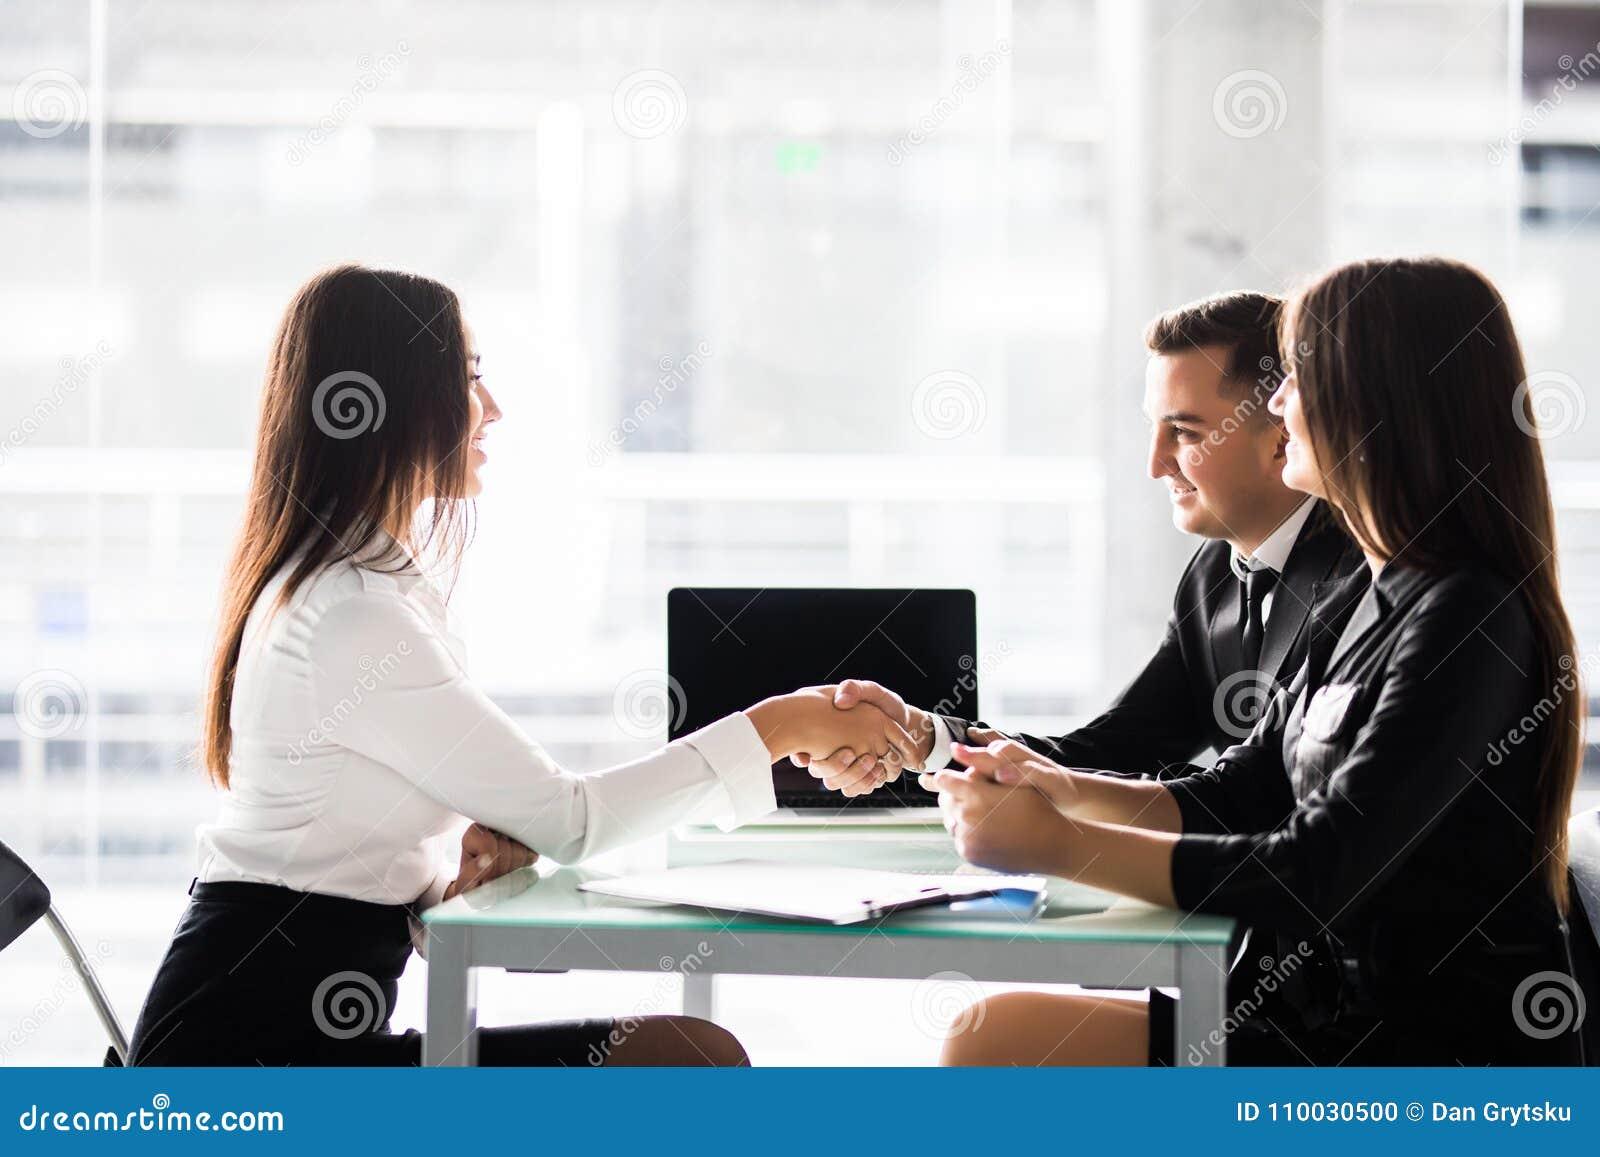 Overeenkomst Zijaanzicht van vrolijke jonge man zitting dicht bij zijn vrouw en het schudden hand aan vrouwenzitting voor hem bij